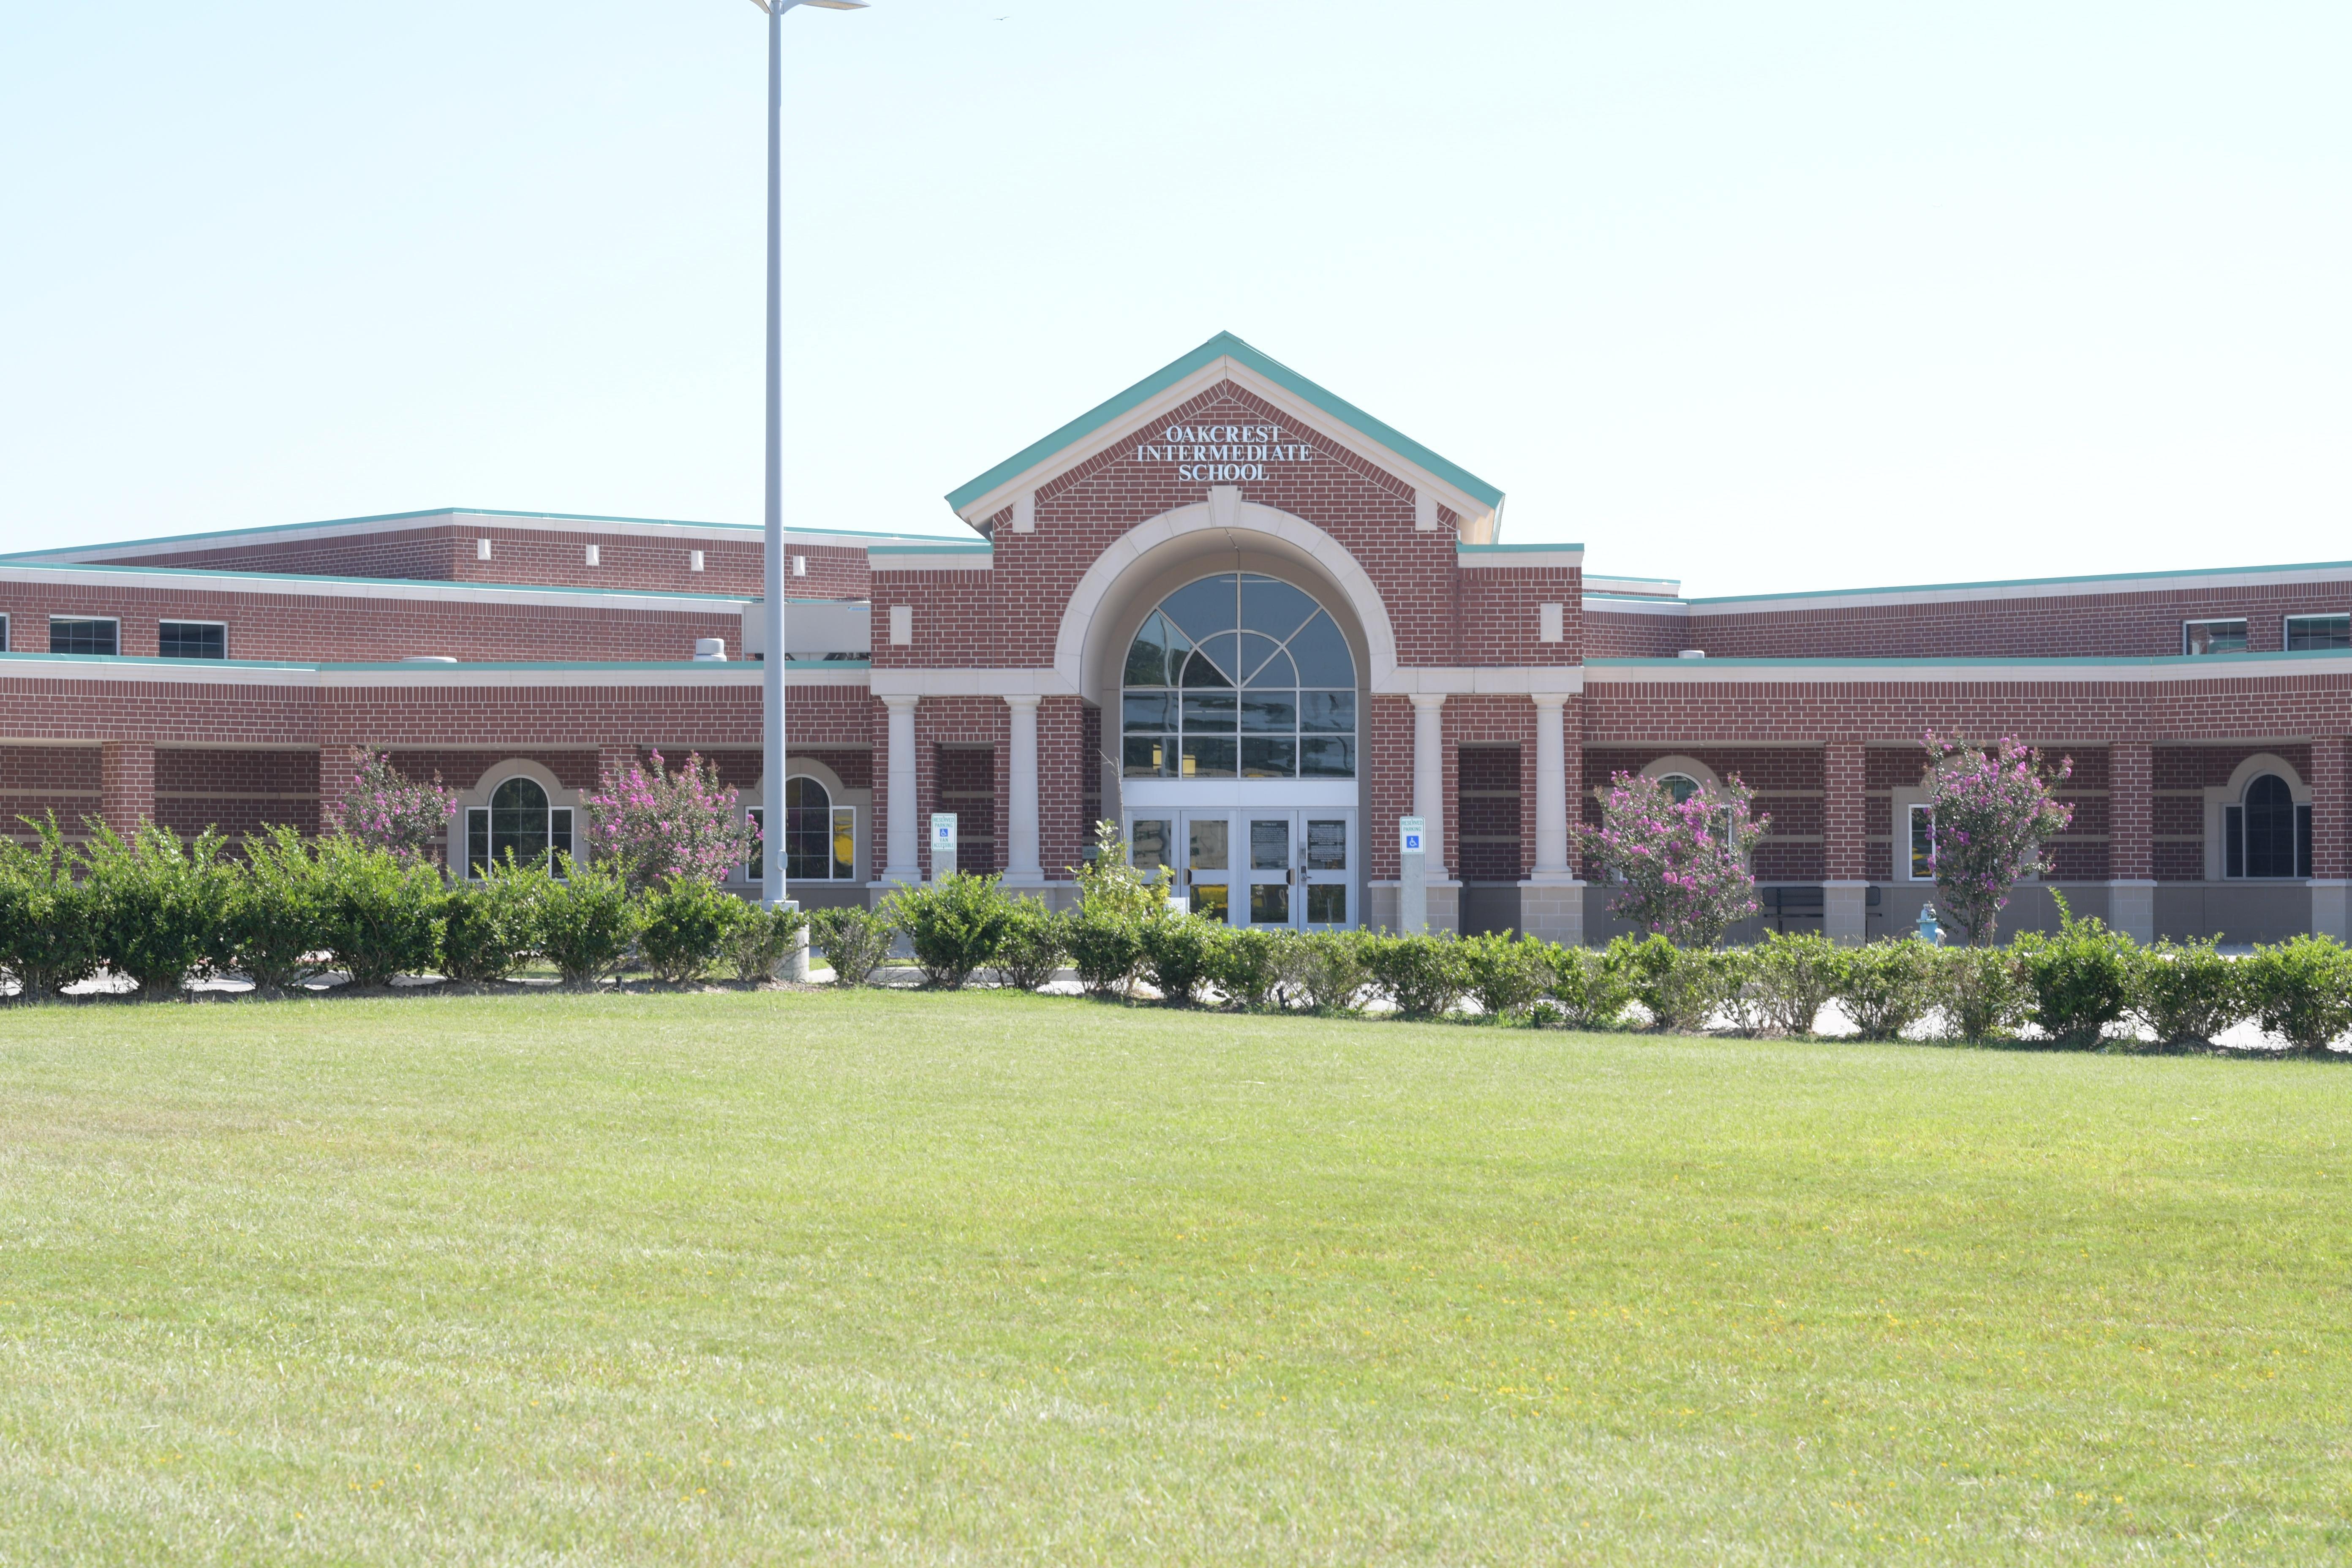 Oakcrest Intermediate